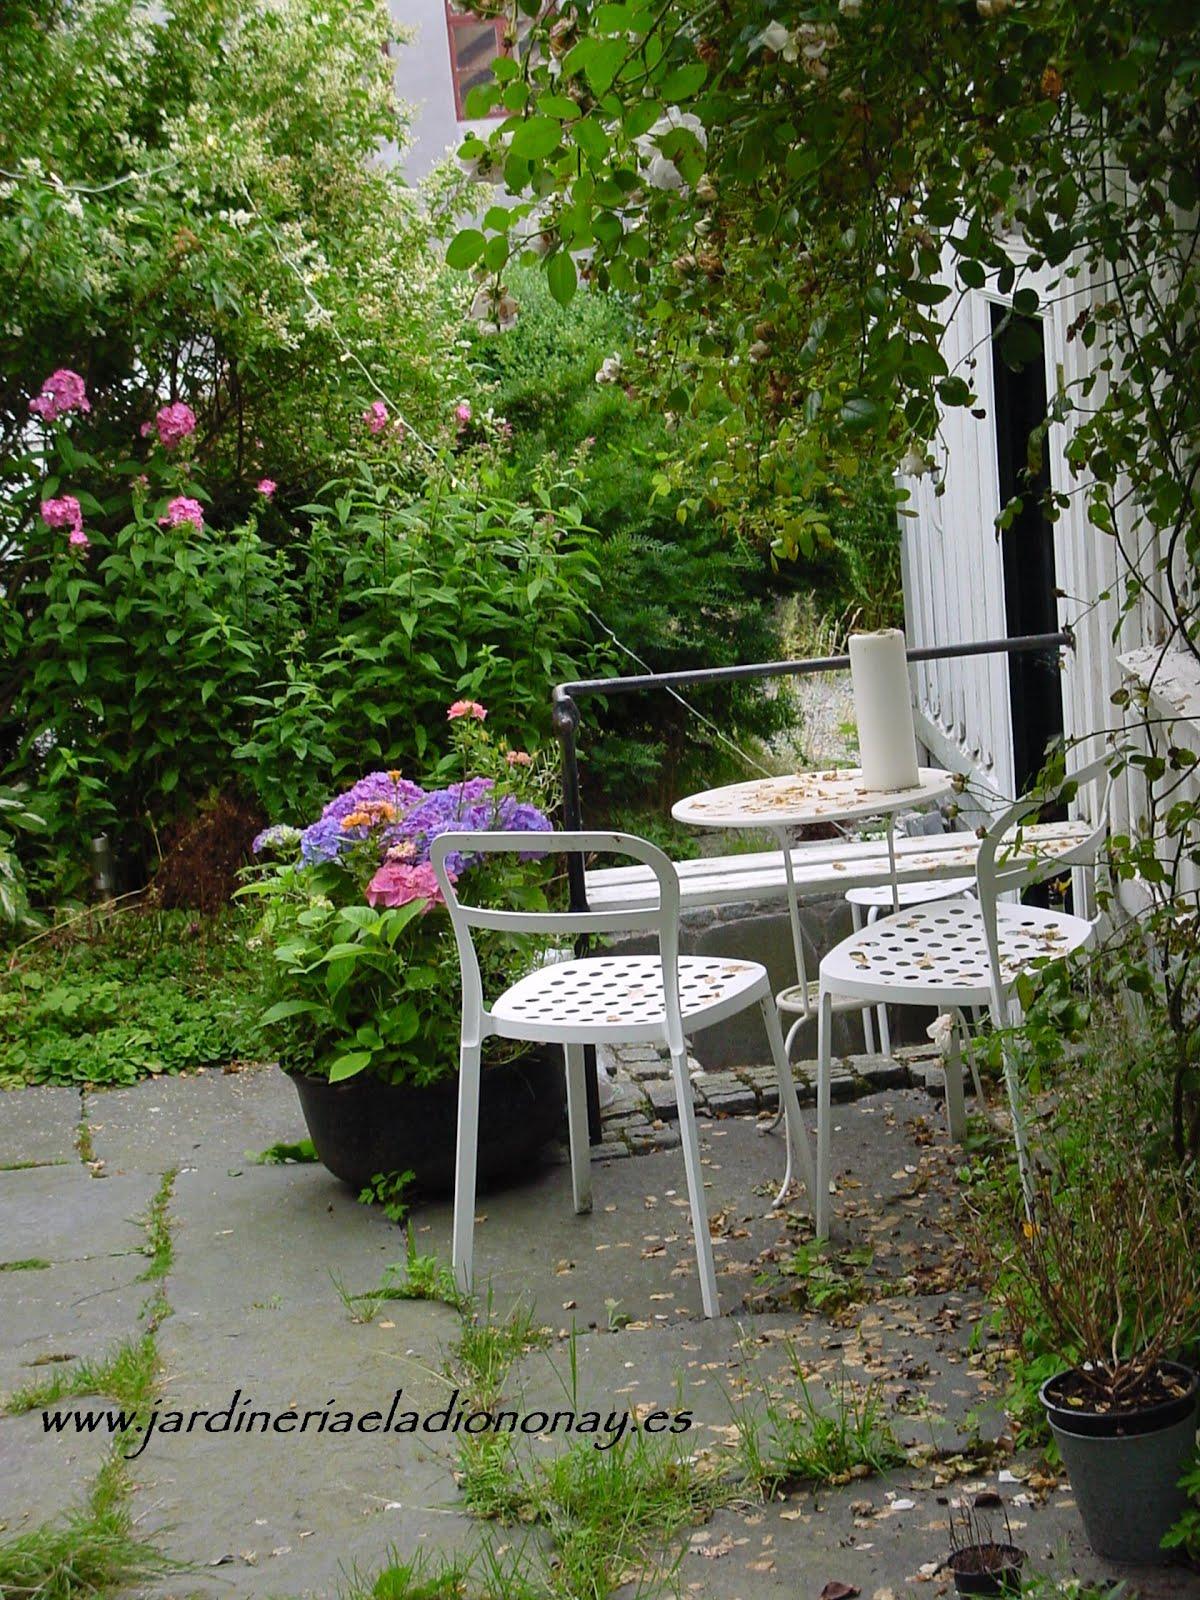 Jardineria eladio nonay cada planta en su sitio - Jardineria eladio nonay ...